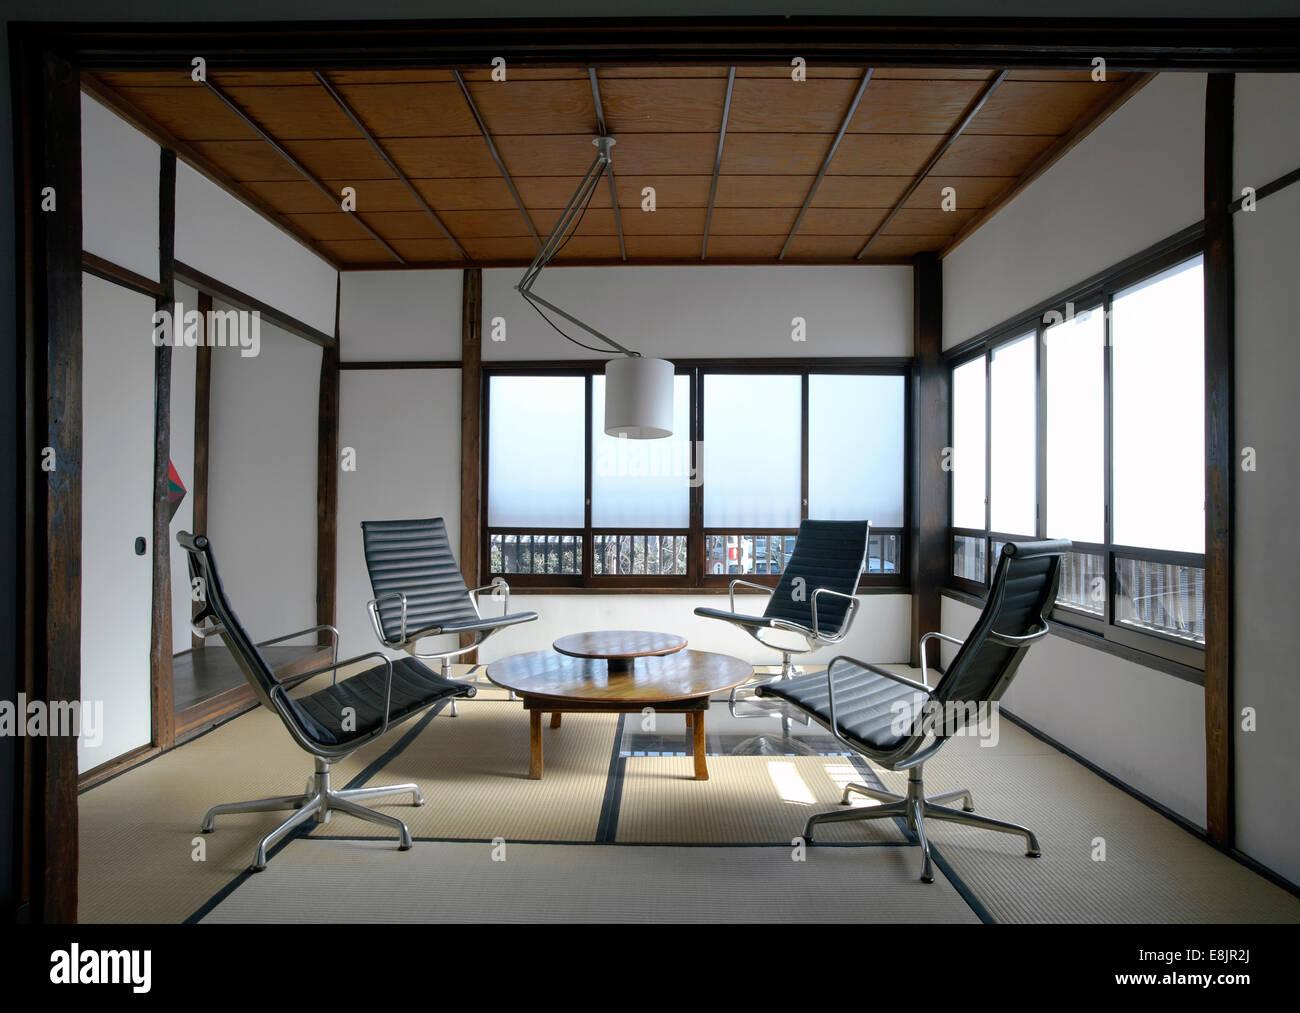 Contemporanea sala tatami con charles eames sedie per ufficio in un